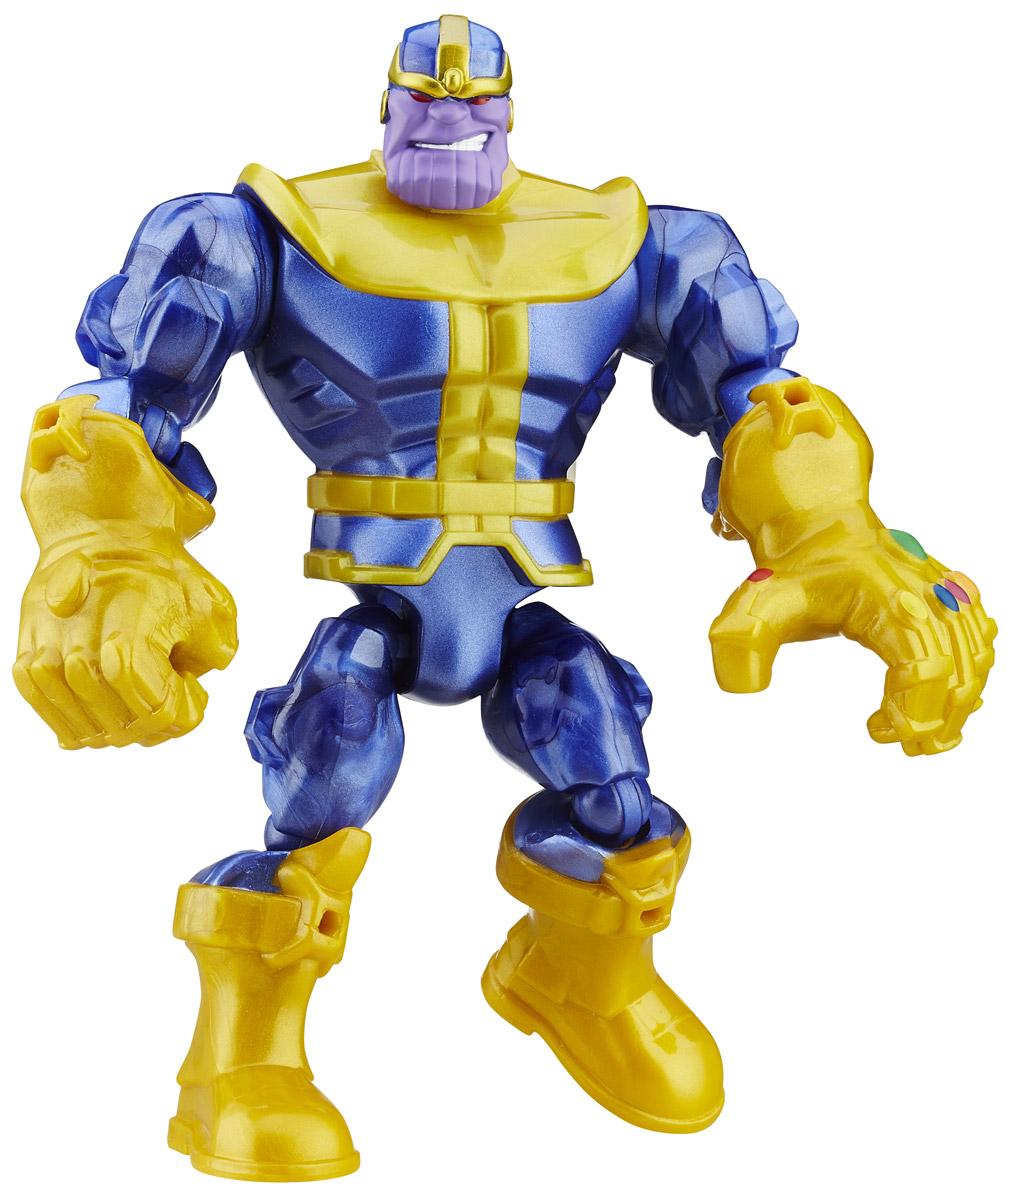 Hero Mashers Разборная фигурка ThanosA6825EU4_6073_синий металлик/горчичныйРазборная фигурка Hero Mashers Thanos обязательно привлечет внимание маленького поклонника супергероев! Фигурка выполнена из прочного пластика в виде вымышленного персонажа - Таноса, суперзлодея вселенной комиксов Marvel. Голова, руки и ноги фигурки подвижны, вращаются и сгибаются, а также отделяются от корпуса. Фигурка совместима с другими фигурками из серии Super Hero Mashers. Собрав коллекцию фигурок от Hasbro, вы сможете создать своего супергероя, объединяя способности разных героев комиксов Marvel. Все элементы обладают единым способом крепления, что позволяет создавать различные комбинации. Ребенок с удовольствием будет играть с фигуркой, придумывая разные истории.